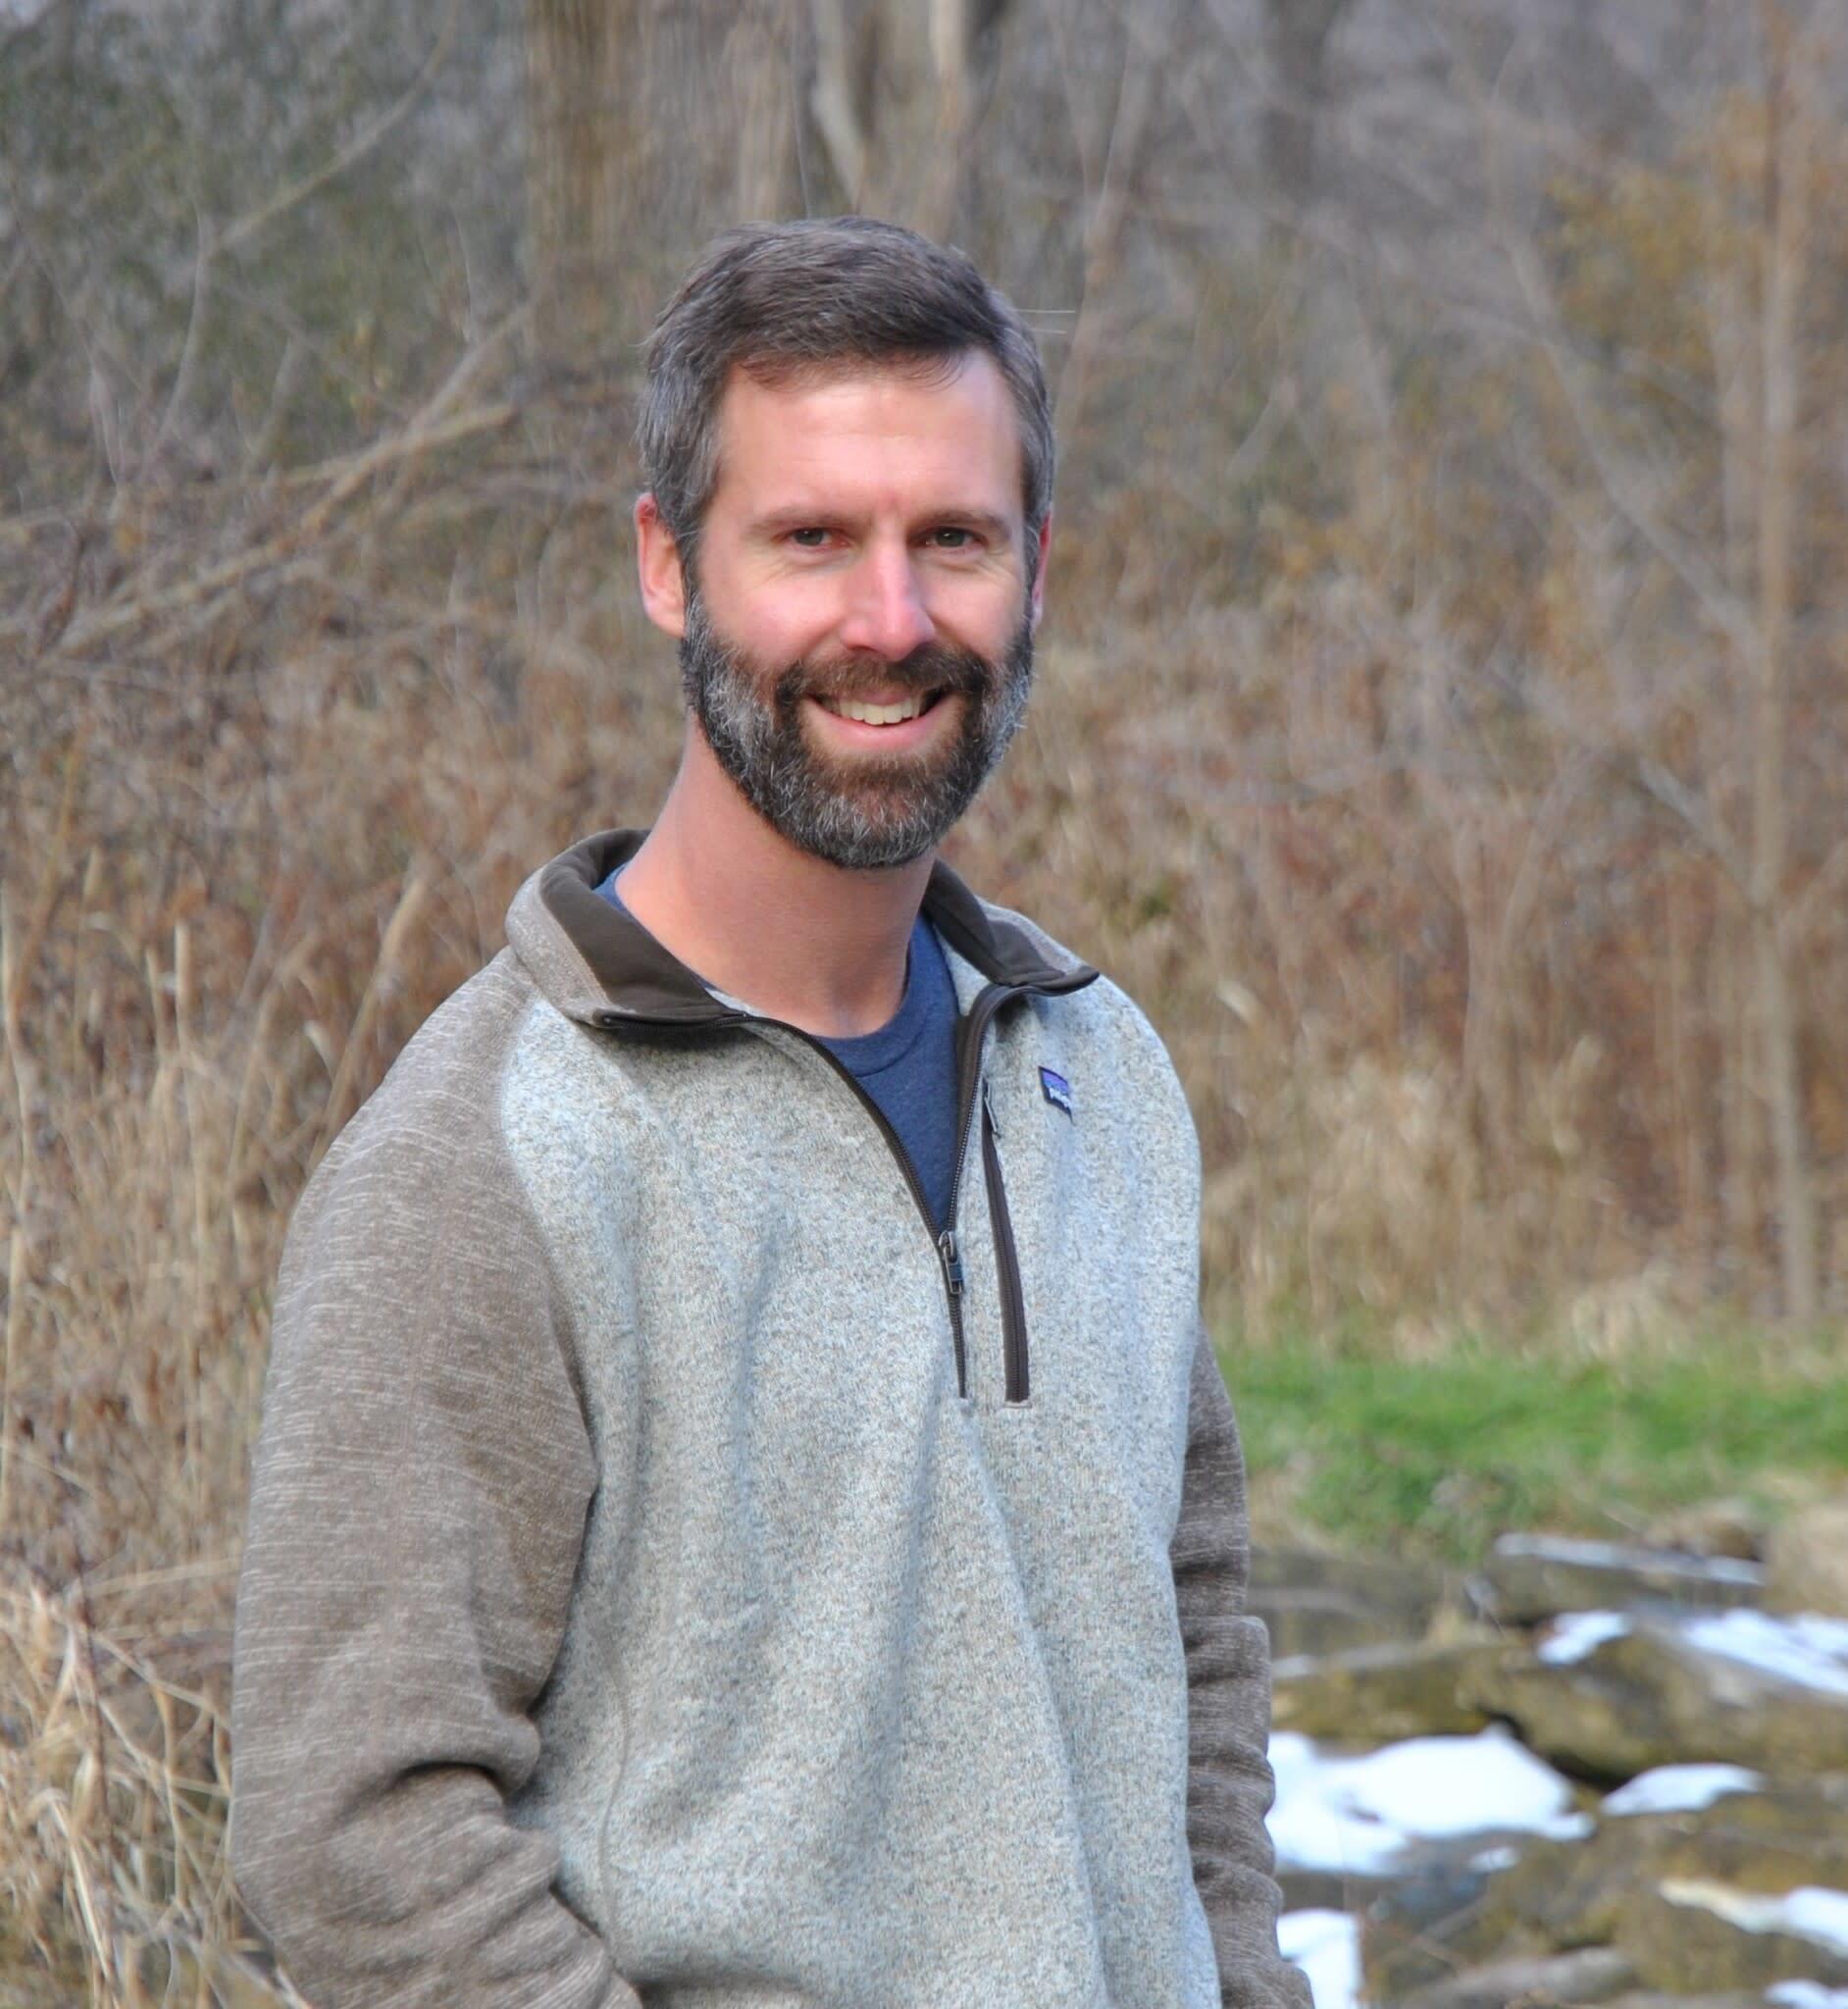 Chris Lukenbill